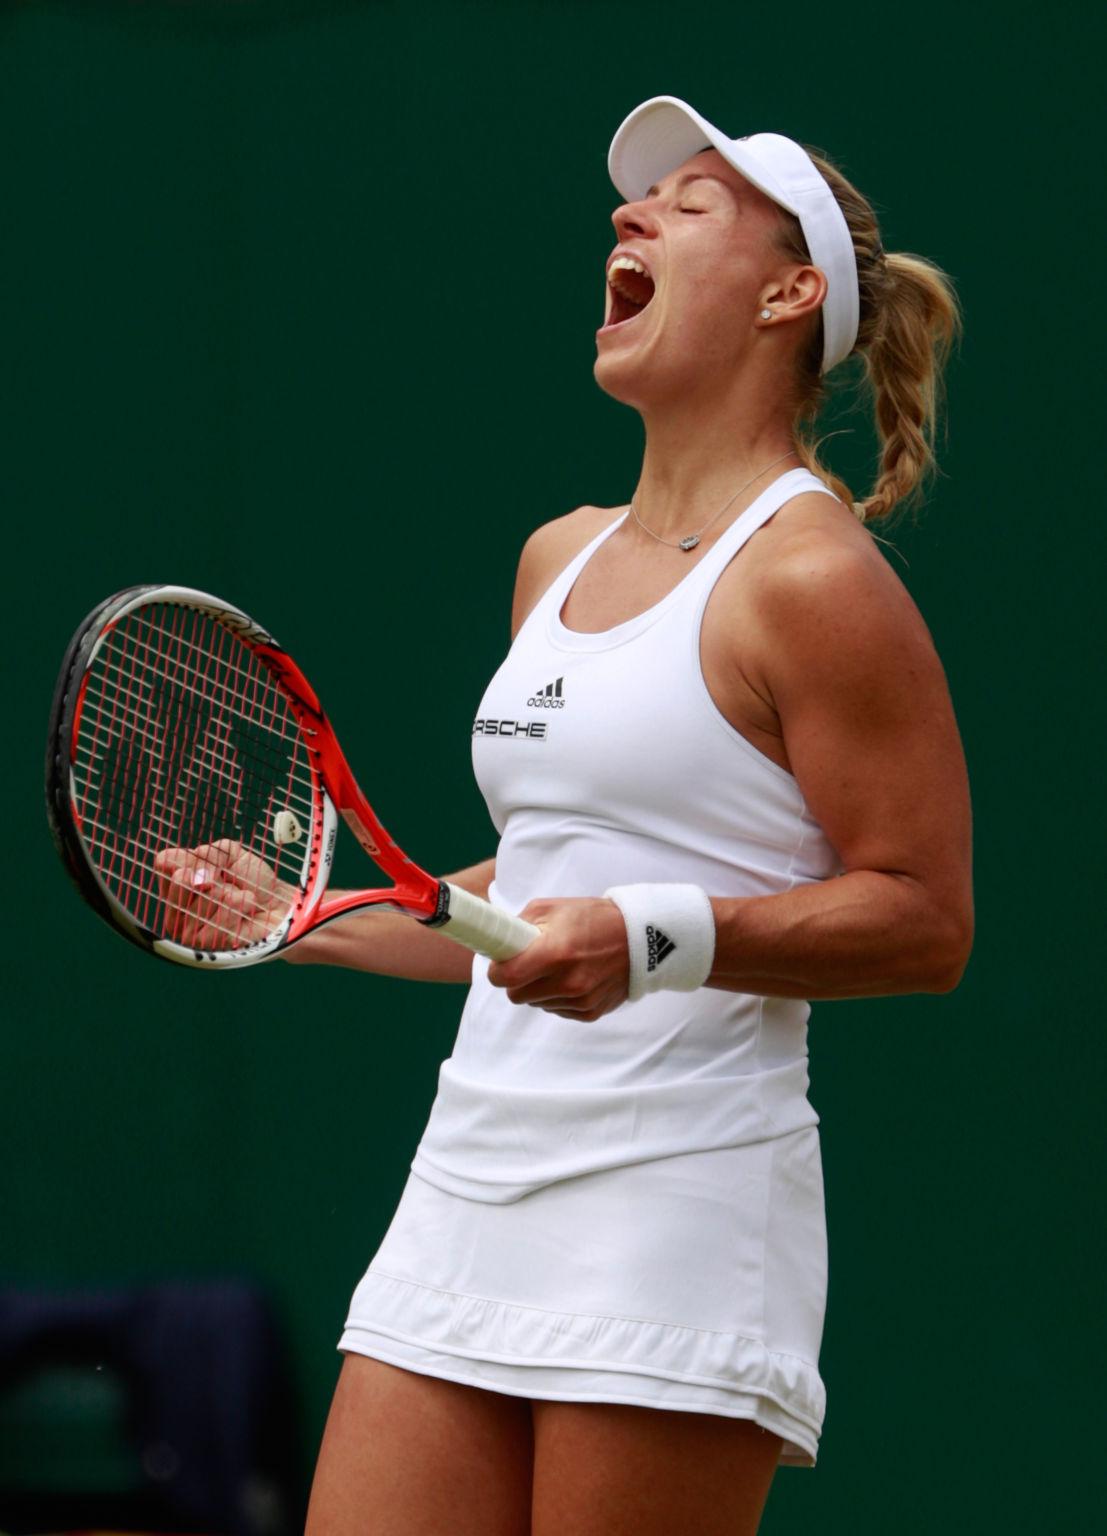 Angelique Kerber steht nach dem souveränen Achtelfinalerfolg gegen die Japanerin Misaki Doi zum dritten Mal im Viertelfinale von Wimbledon. Dort trifft sie auf die Siegerin der Partie Simona Halep gegen Madison Keys.